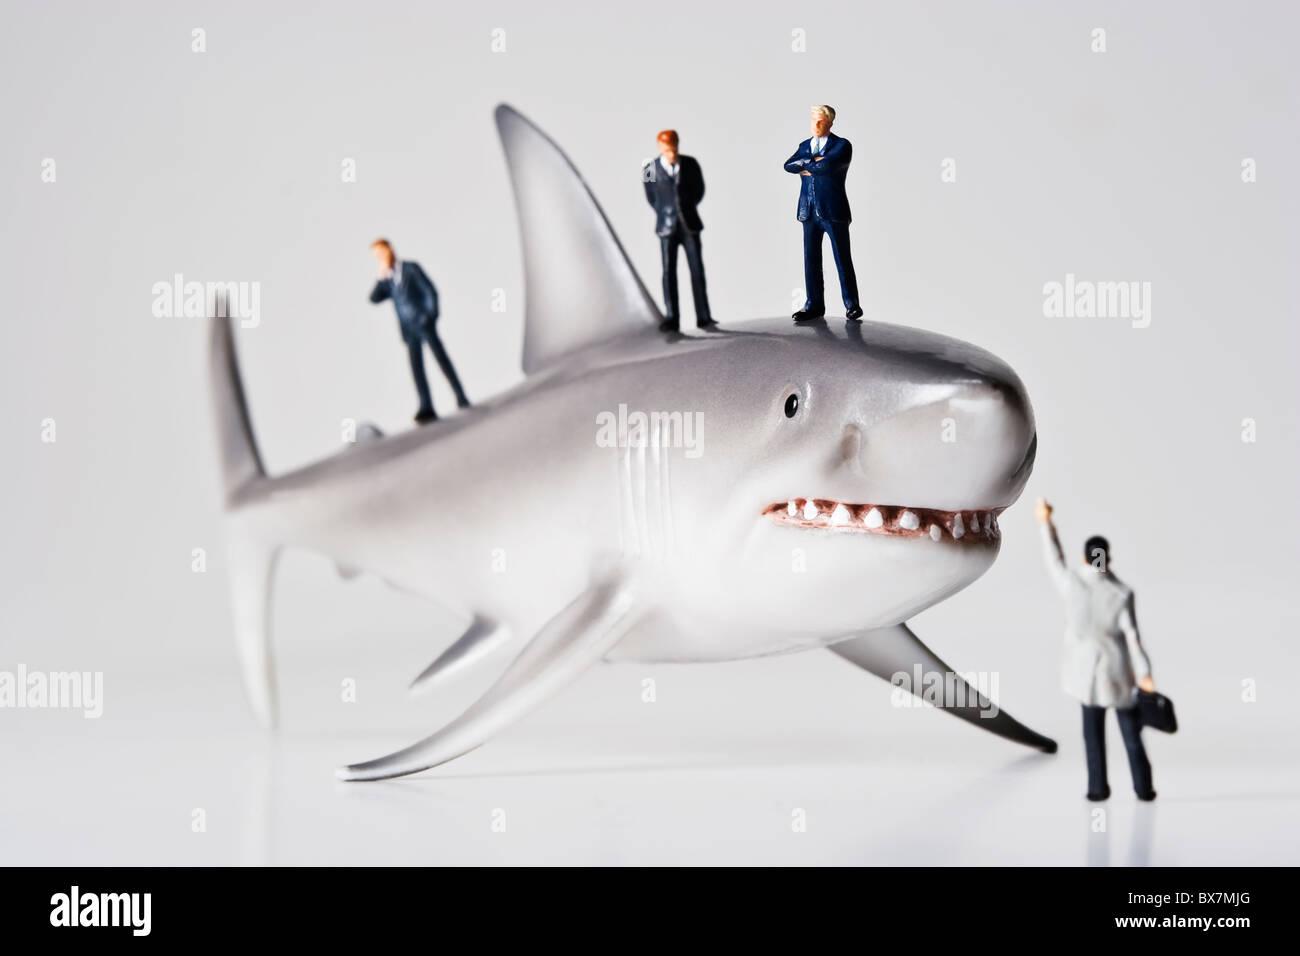 Figurines de negocios colocados con un tiburón figurilla. Imagen De Stock